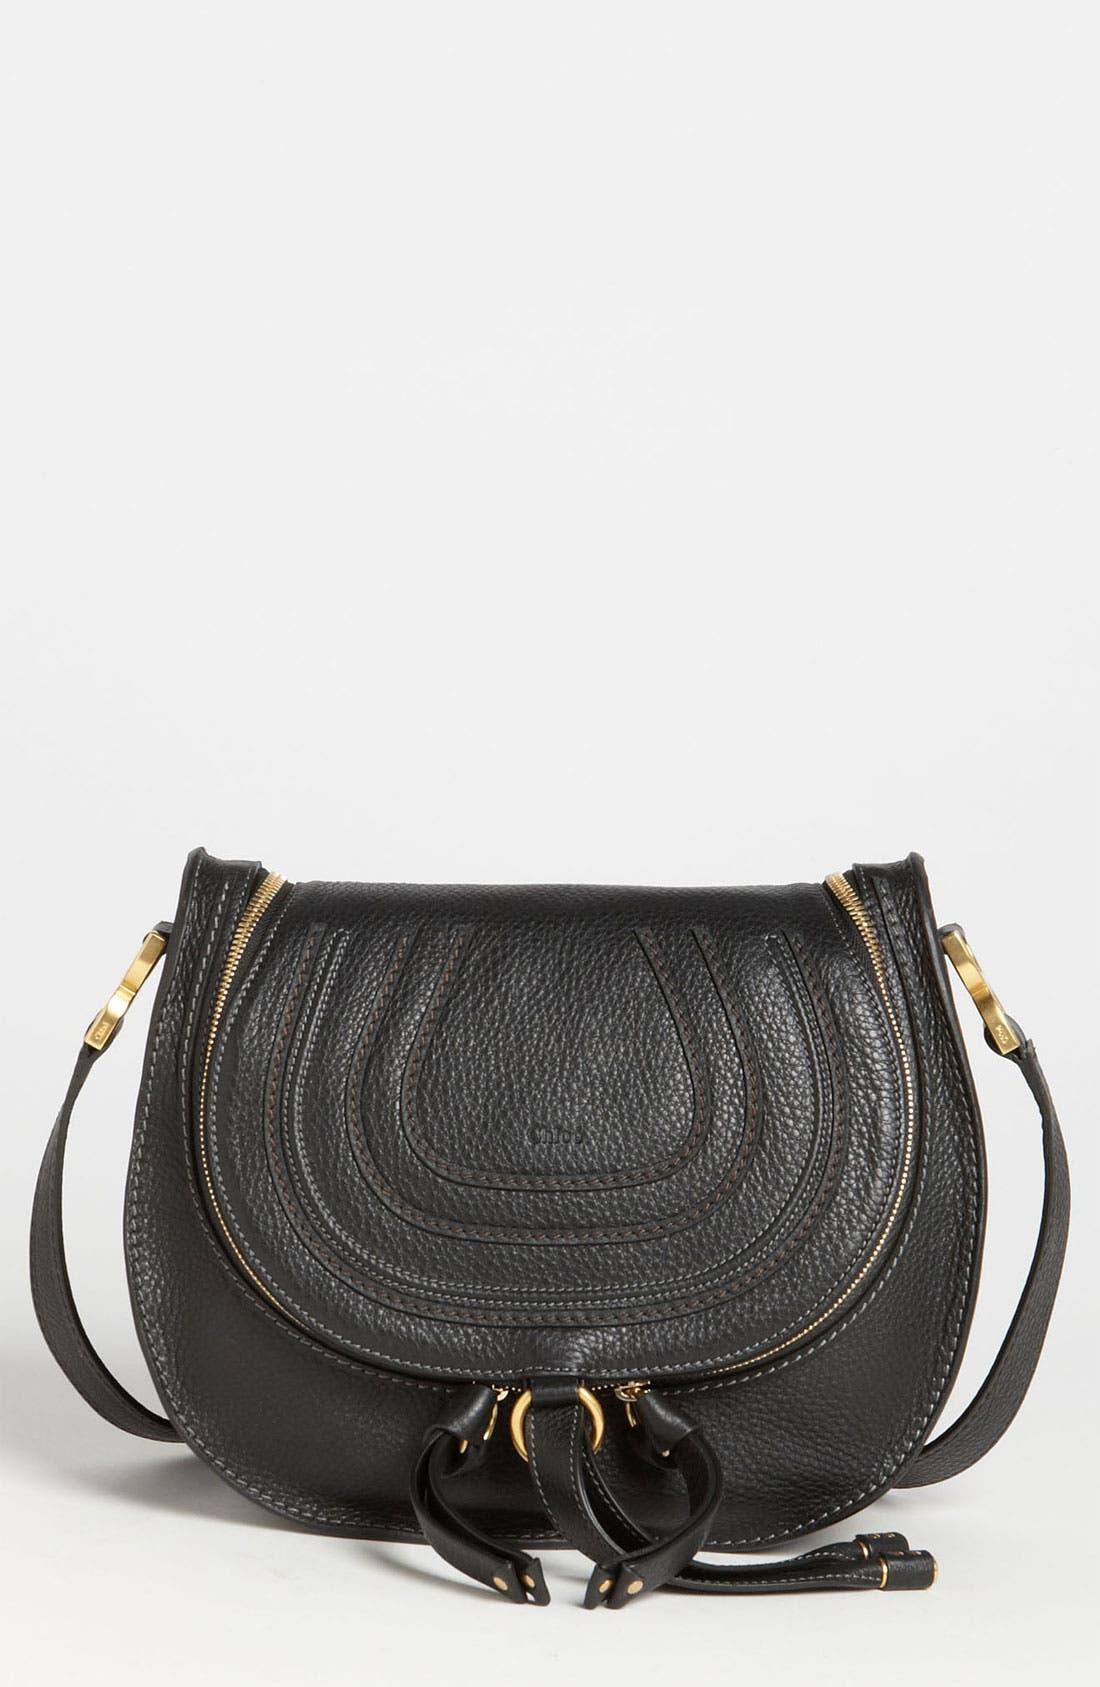 Main Image - Chloé 'Marcie' Leather Crossbody Bag